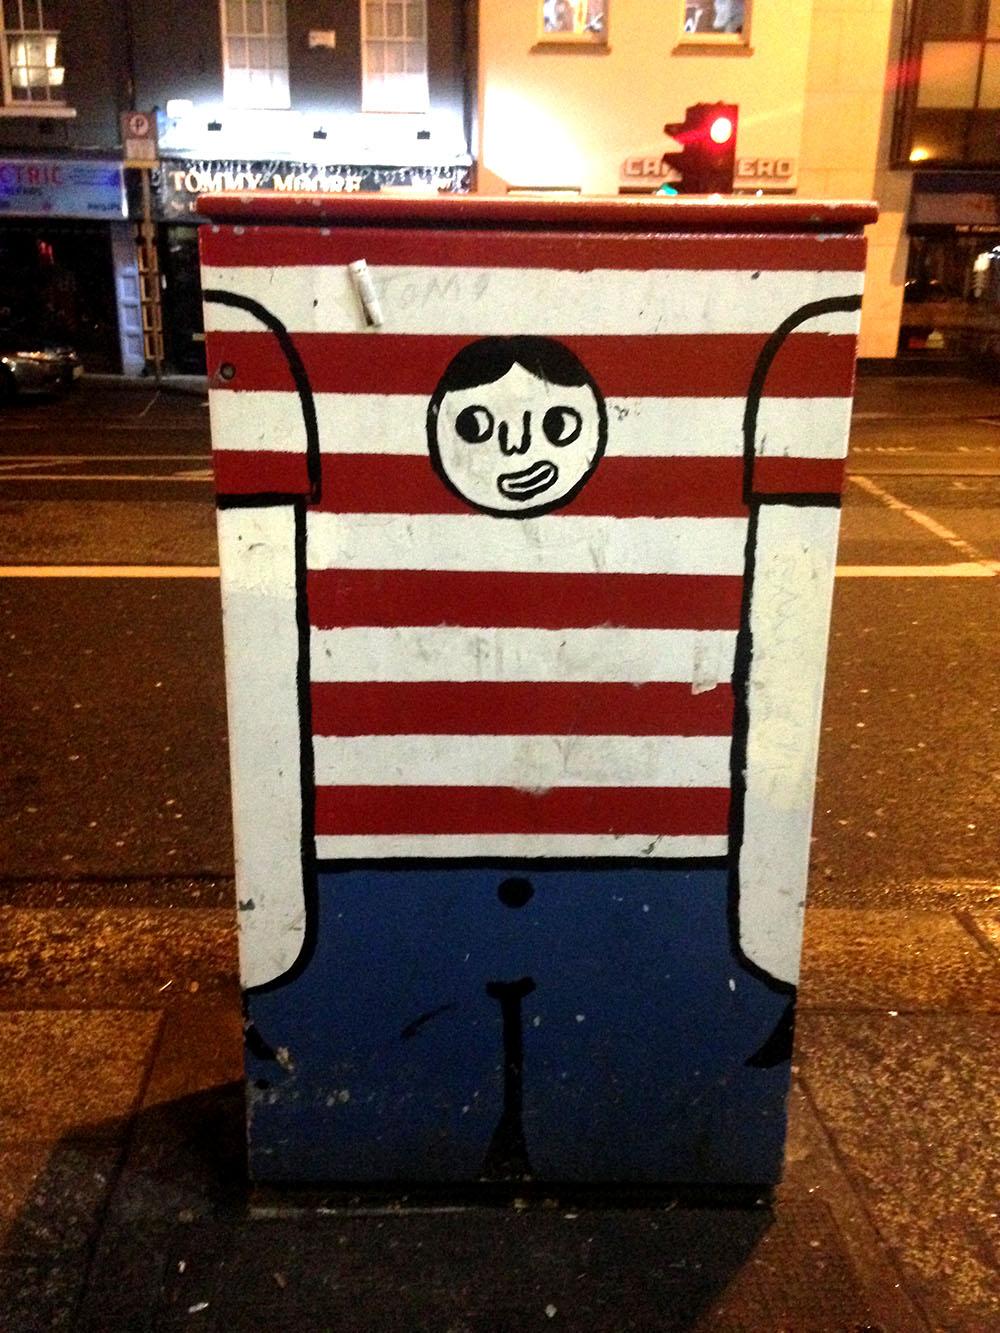 Dublin_box_art_5